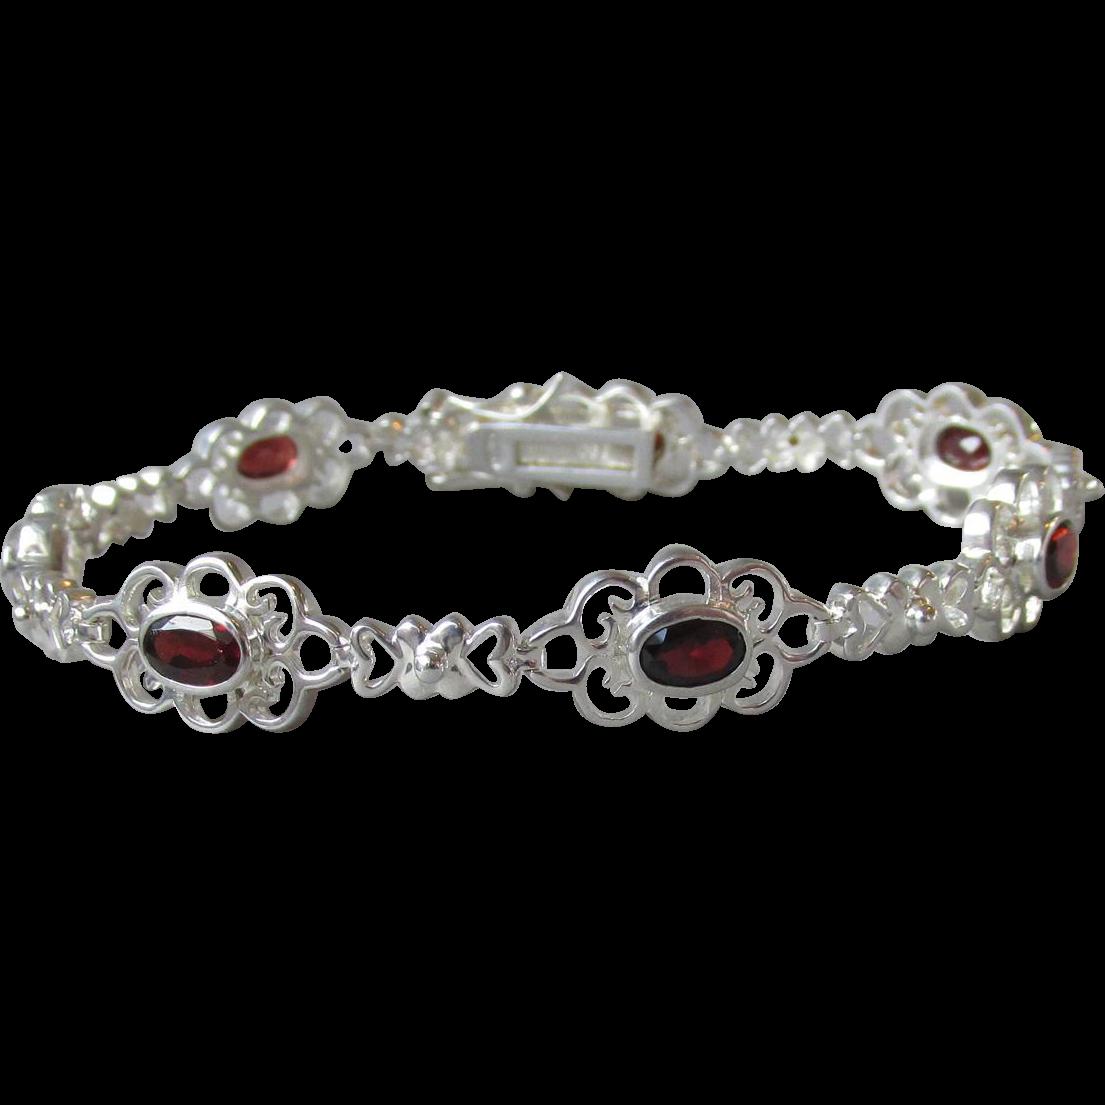 Lacy Vintage Sterling Silver & Garnet Bracelet